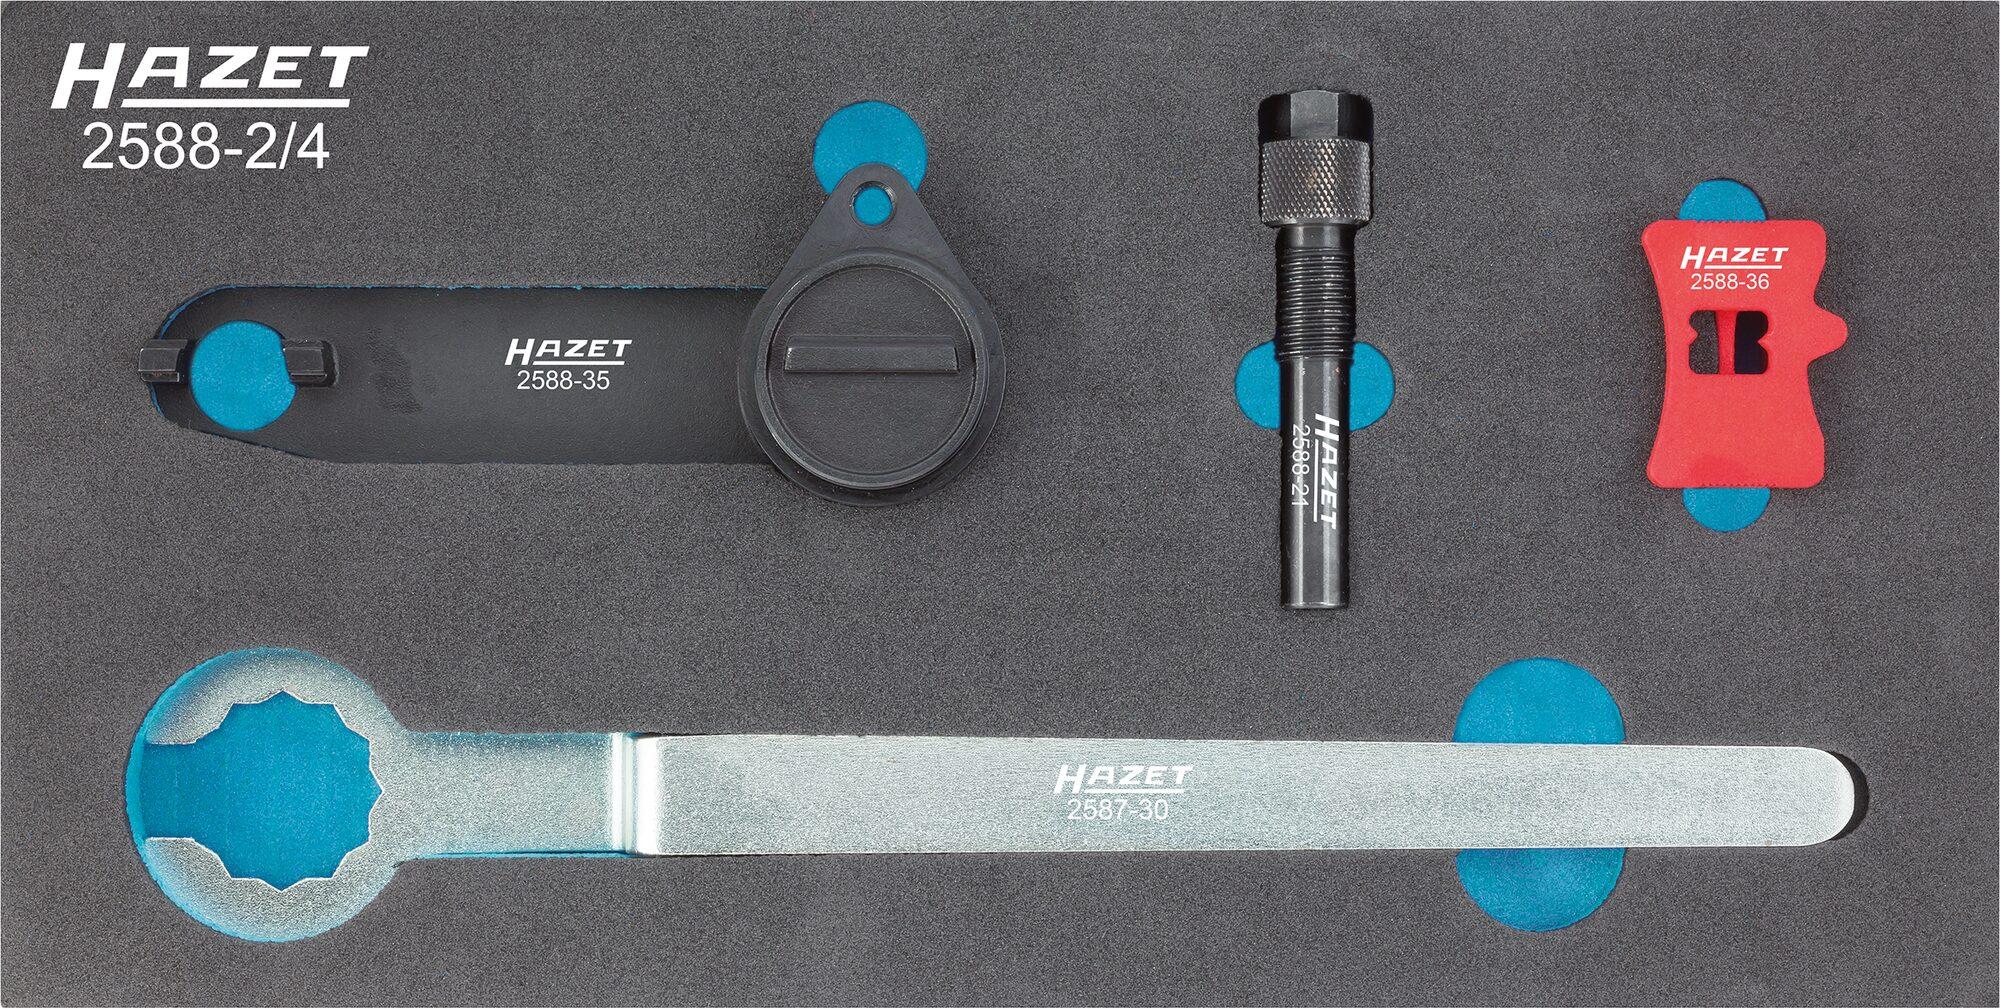 HAZET Motoreinstell-Werkzeug VW / SEAT / ŠKODA 2588-2/4 ∙ Anzahl Werkzeuge: 4